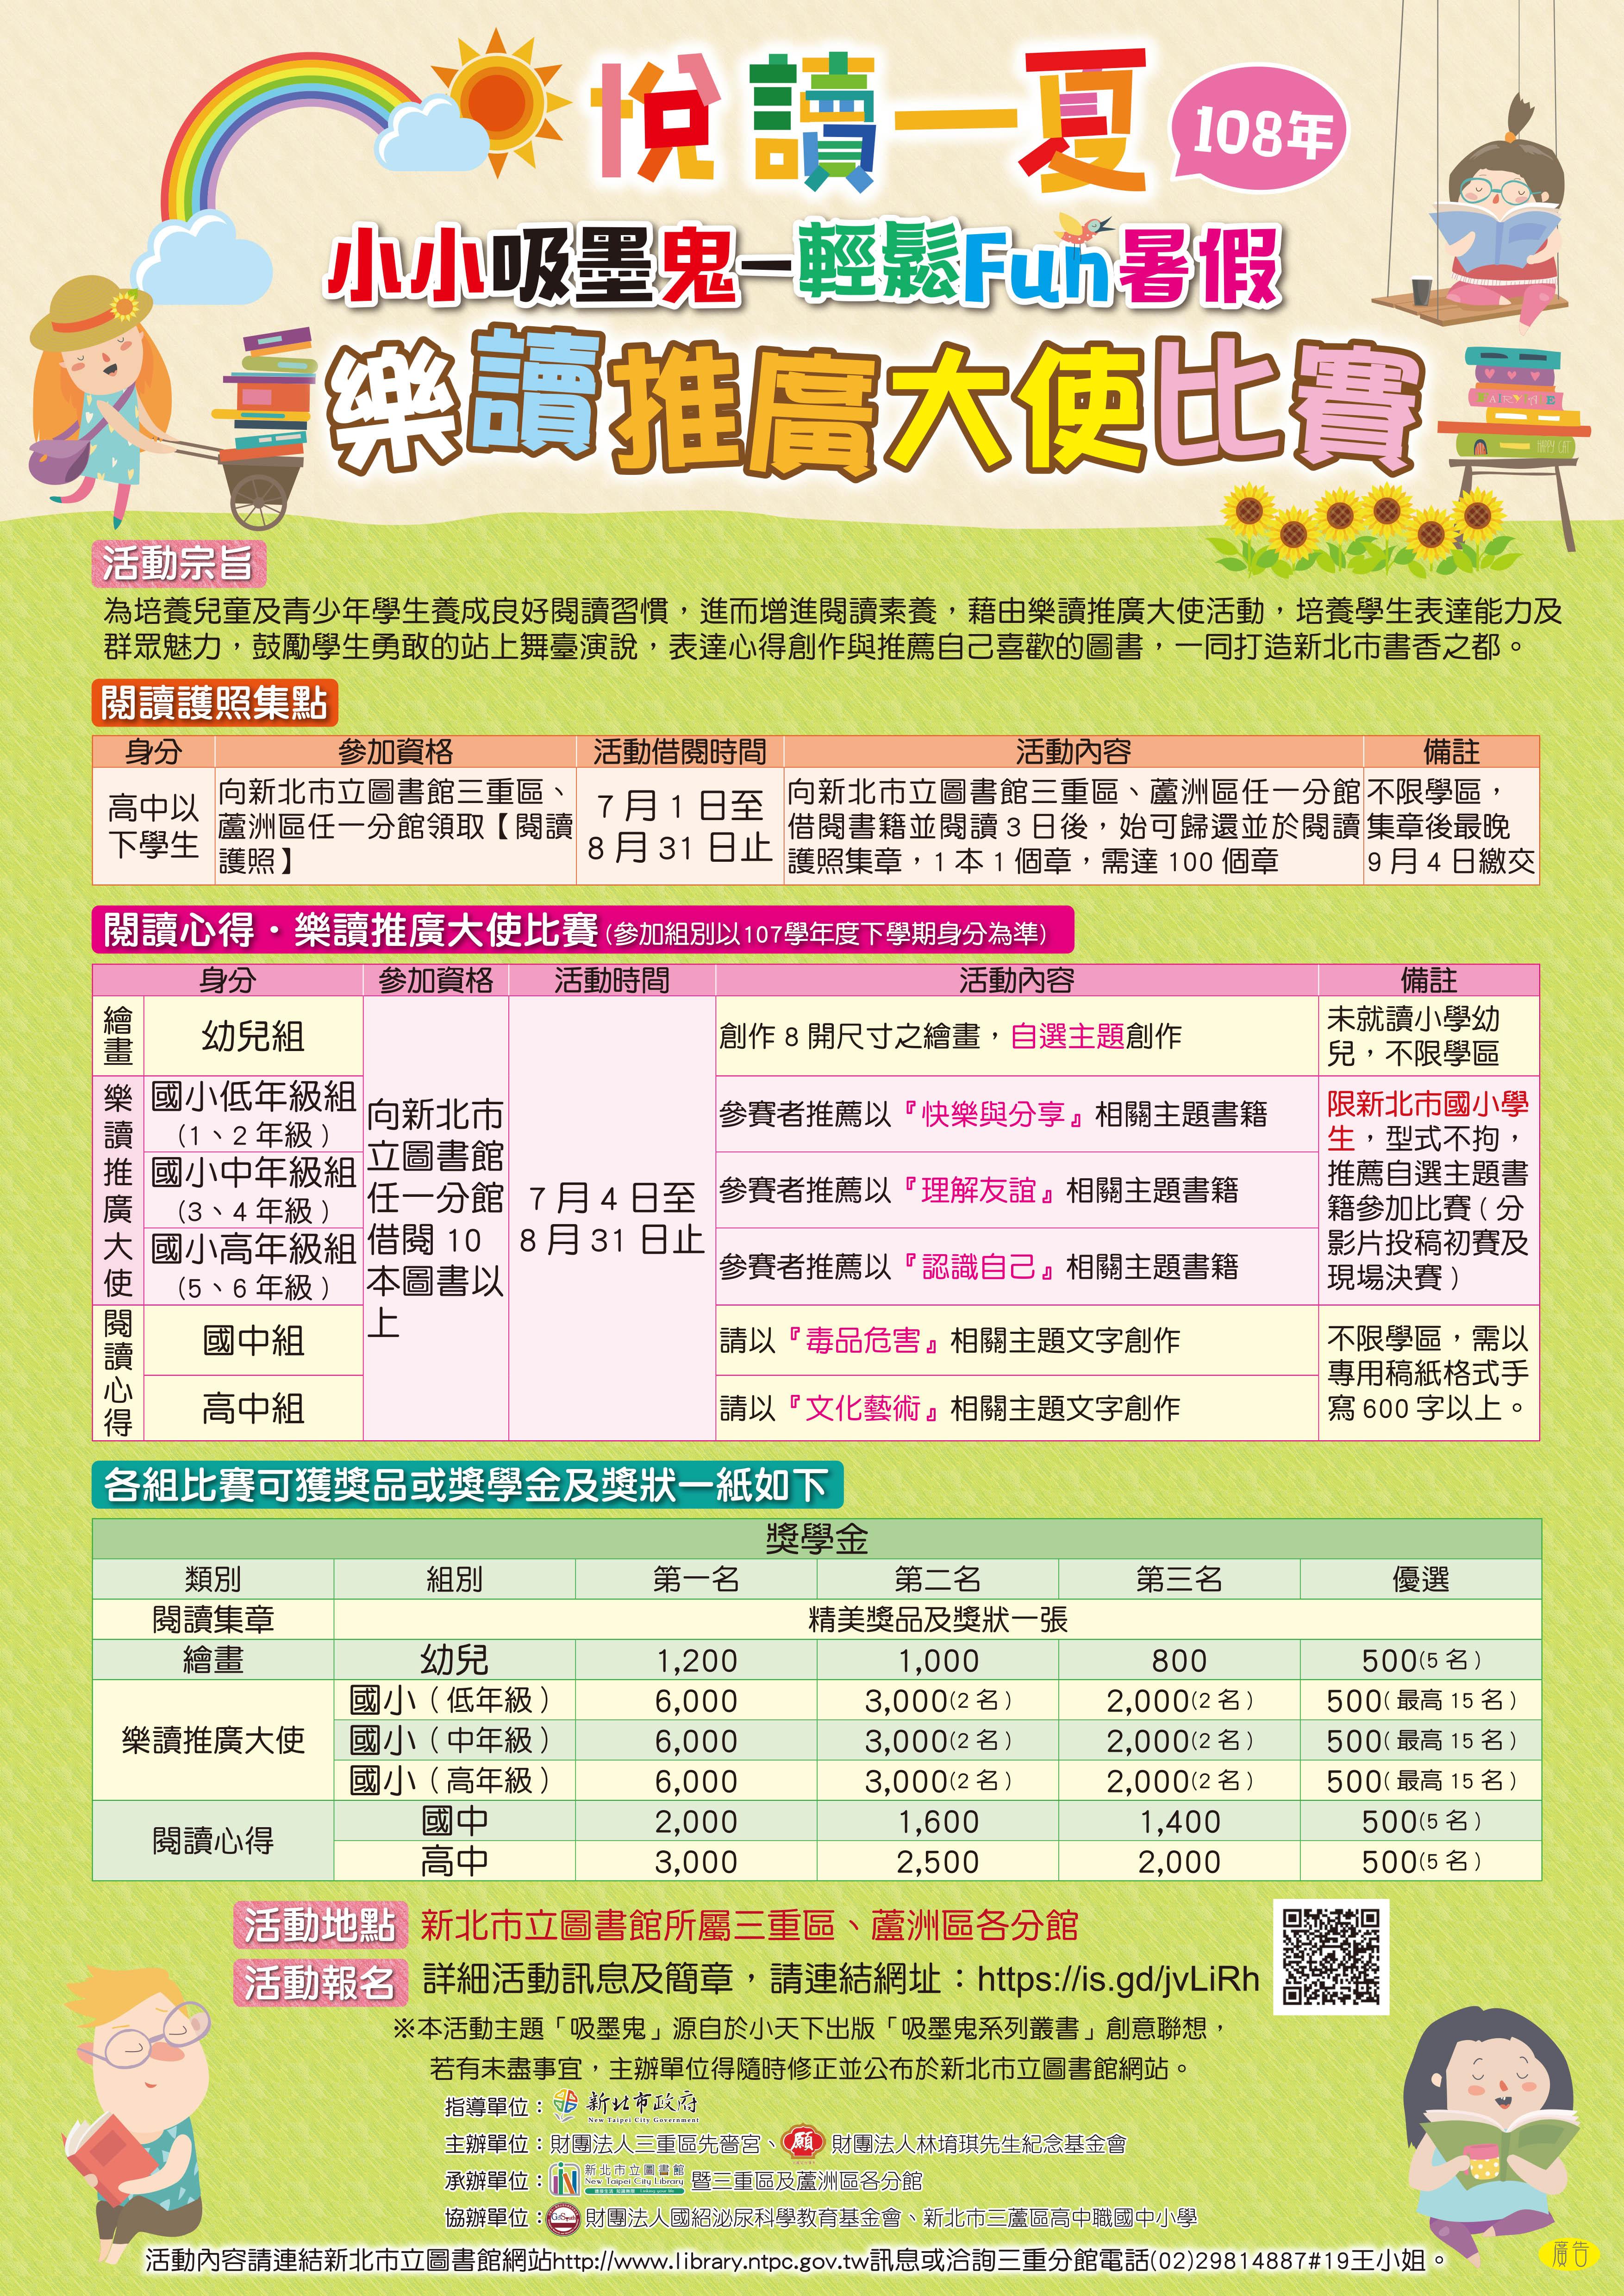 【三重分館】108年小小吸墨鬼輕鬆Fun暑假 -樂讀推廣大使比賽